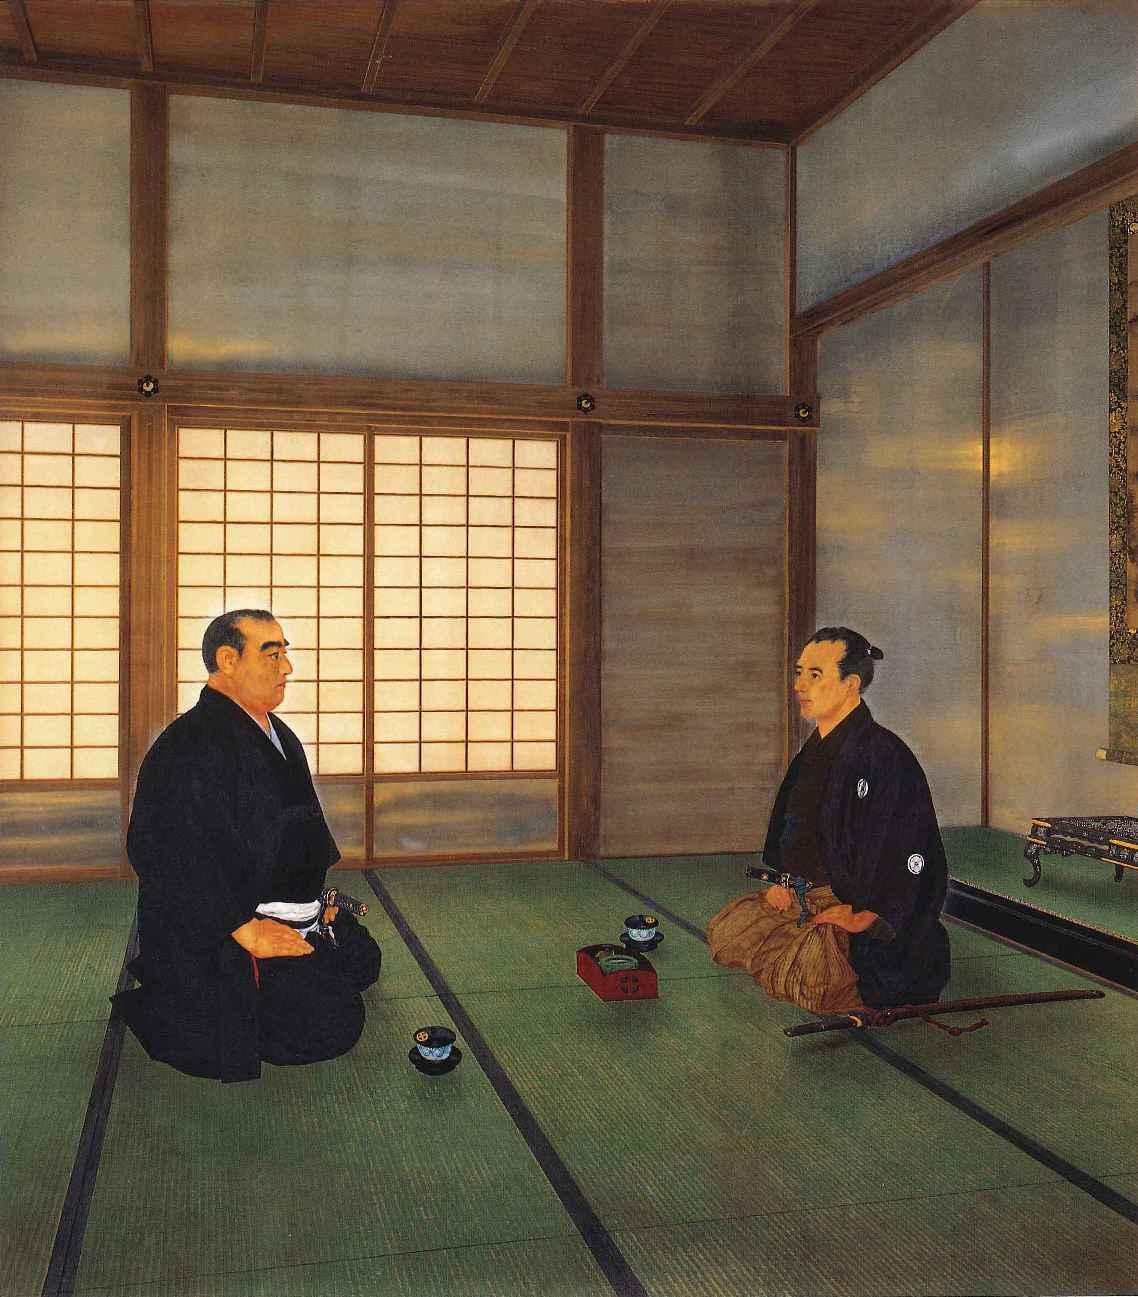 『江戸開城談判』聖徳記念絵画館壁画